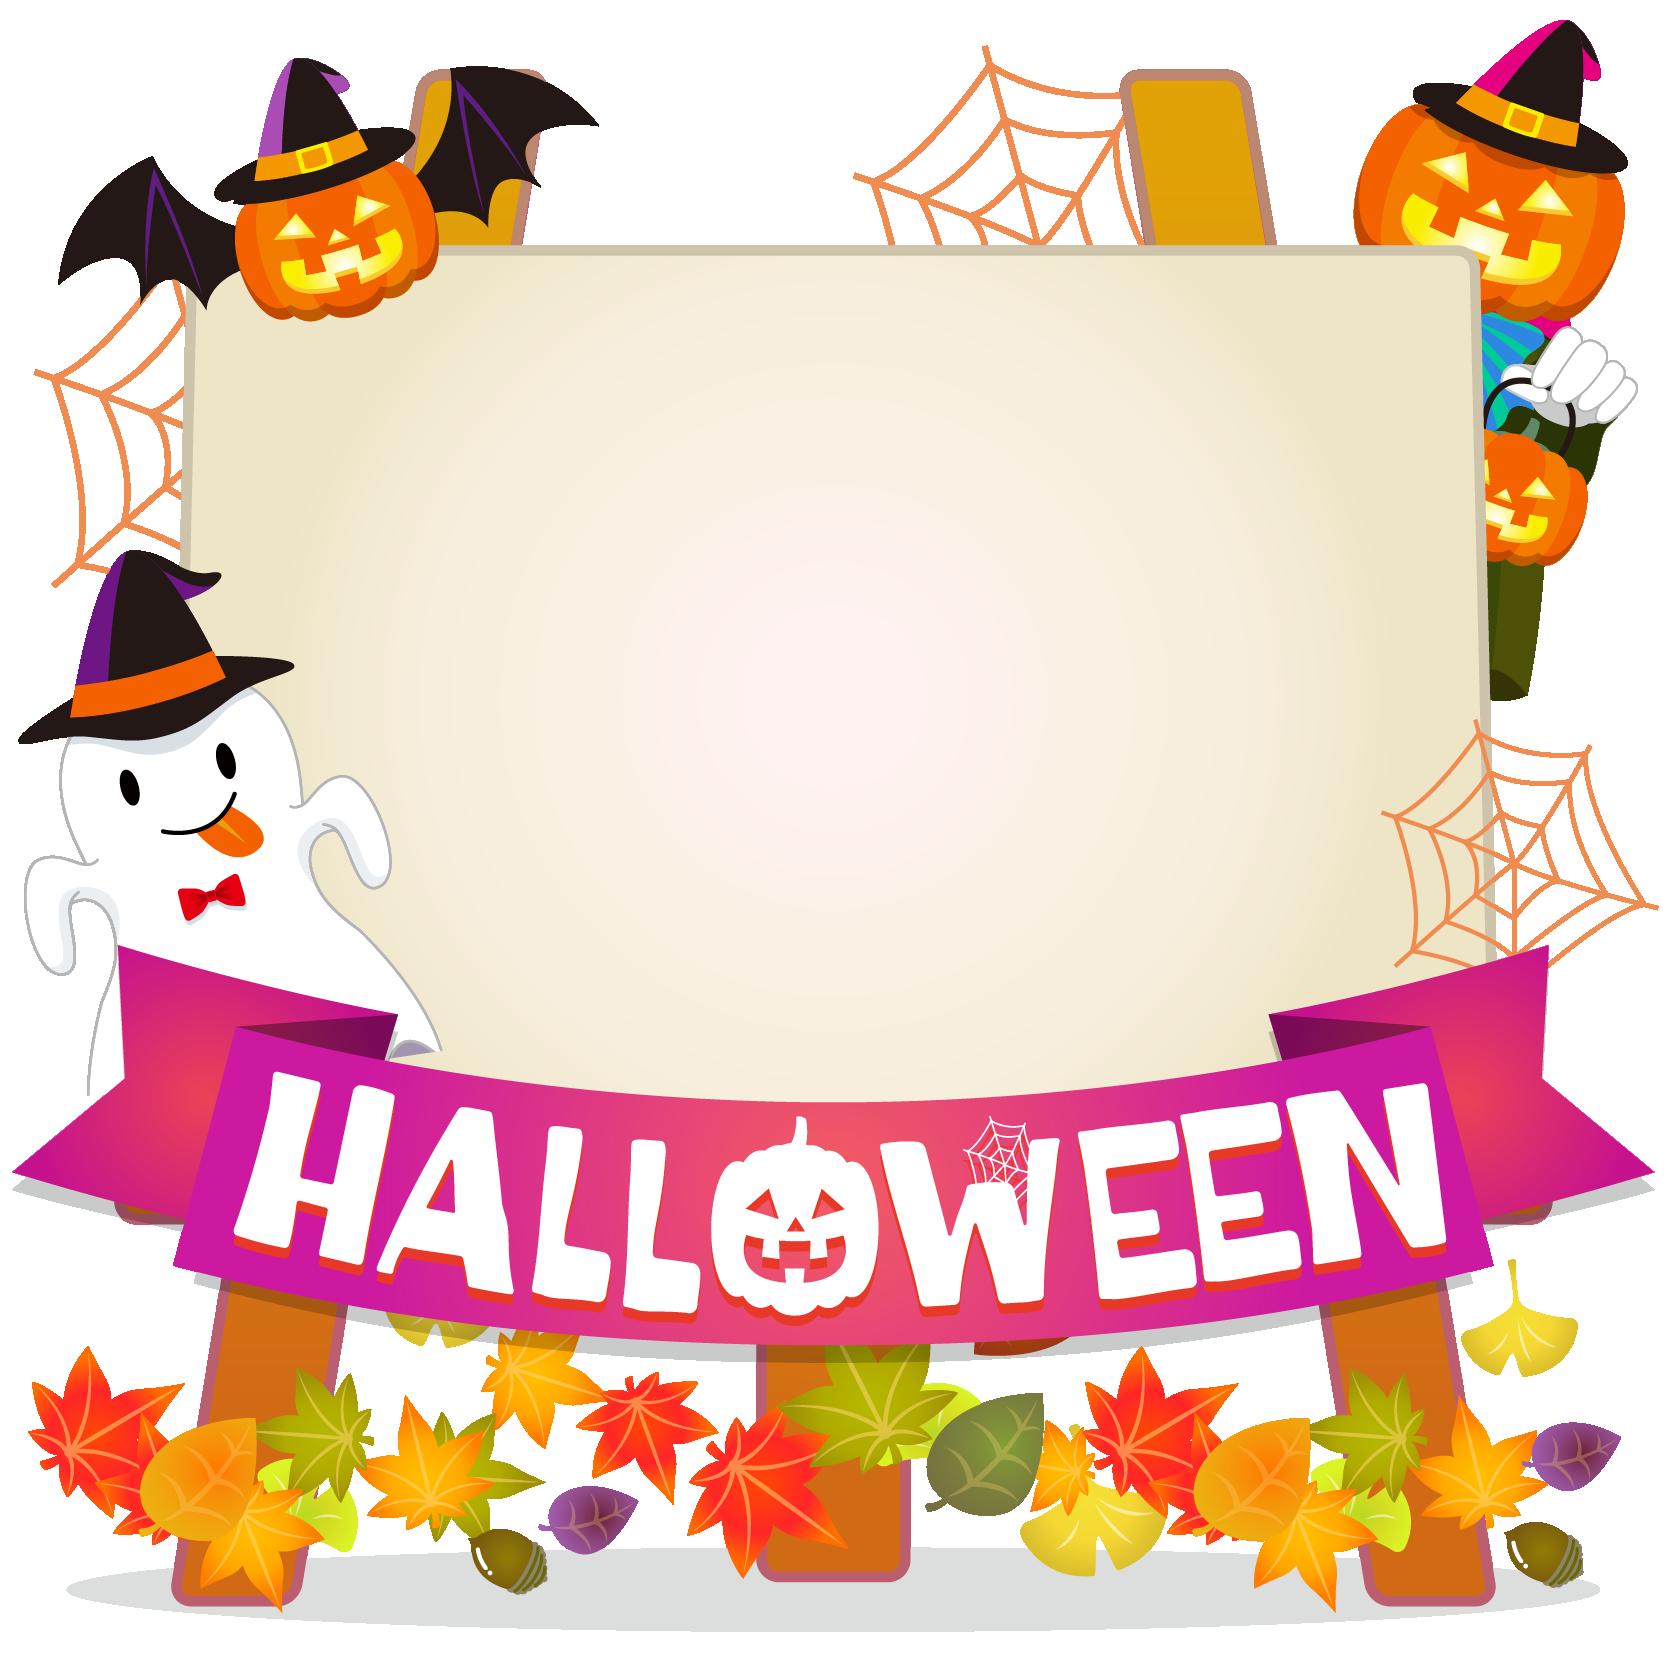 商用フリーイラスト_無料_10月_ハロウィン_おばけ_かぼちゃ_halloween_イーゼル_キャンバス横